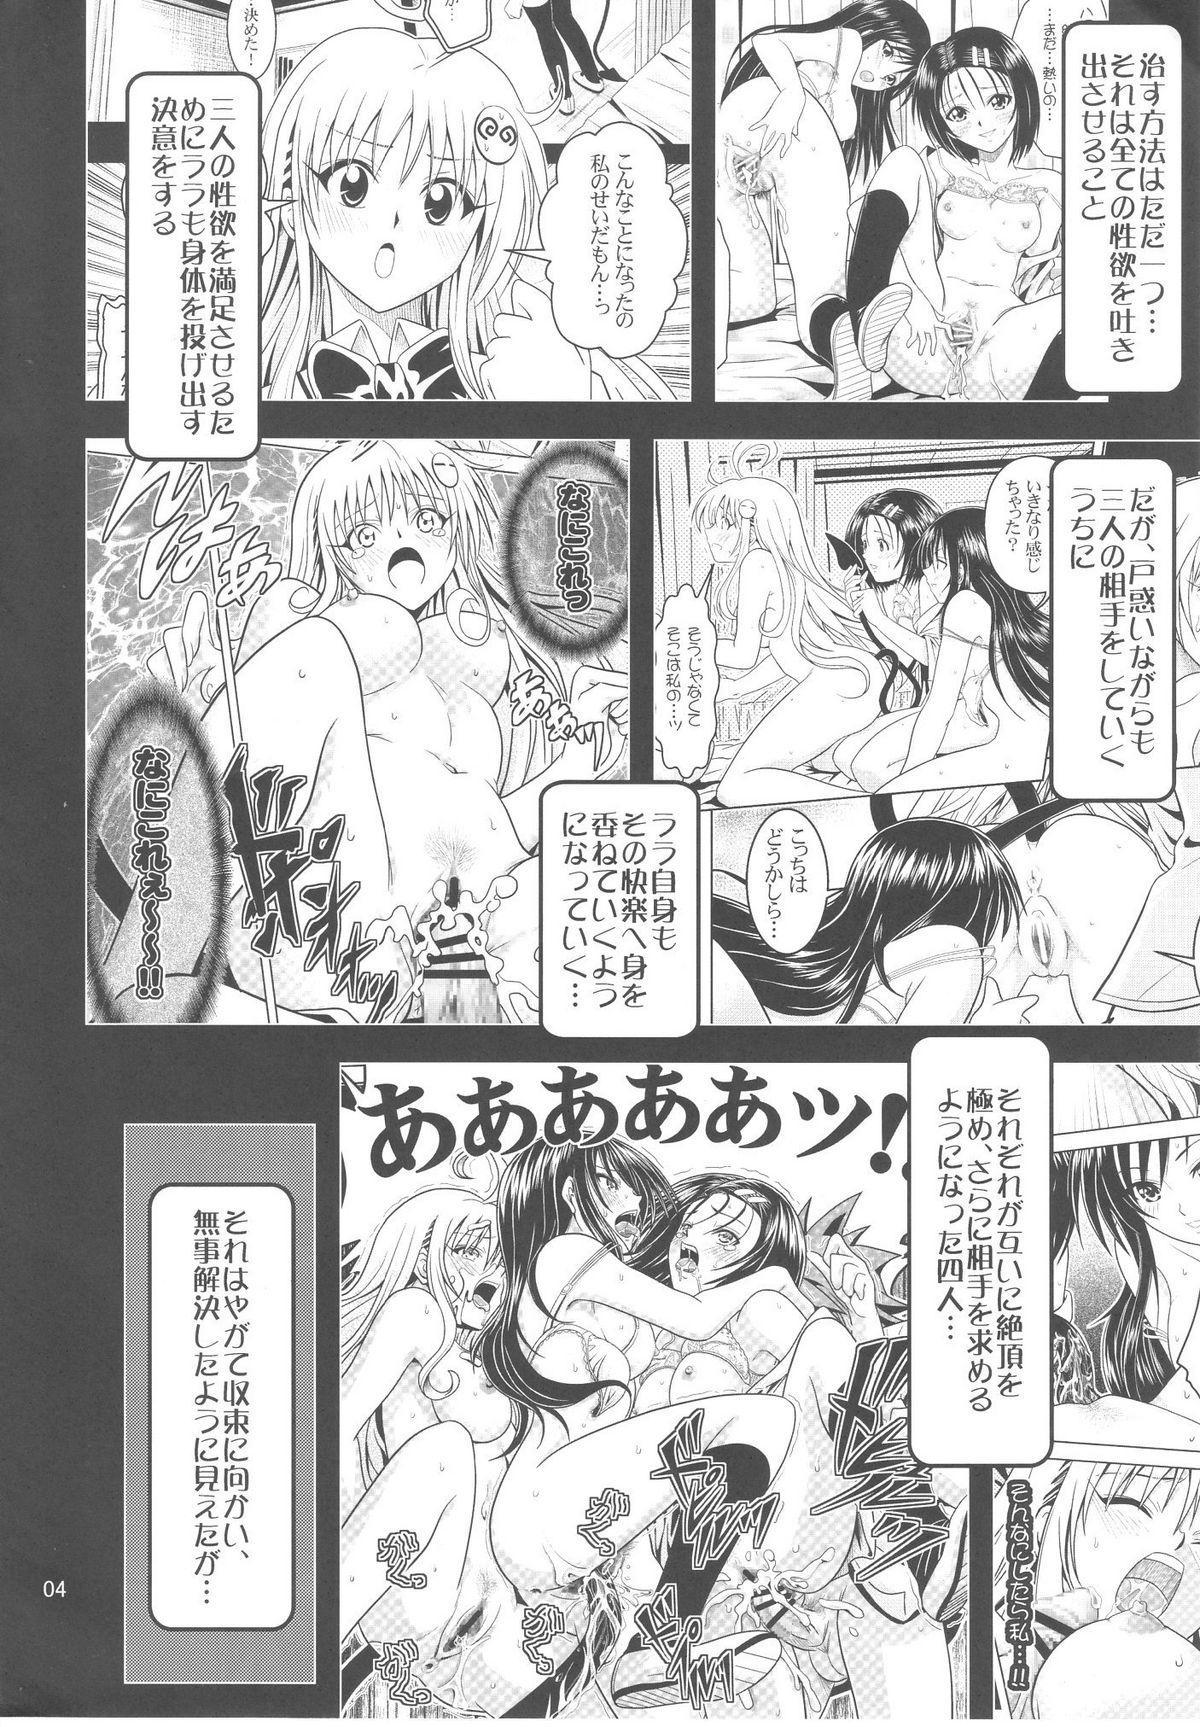 Anoko-tachi ga Taihen na Koto ni Nattemasu 3 3